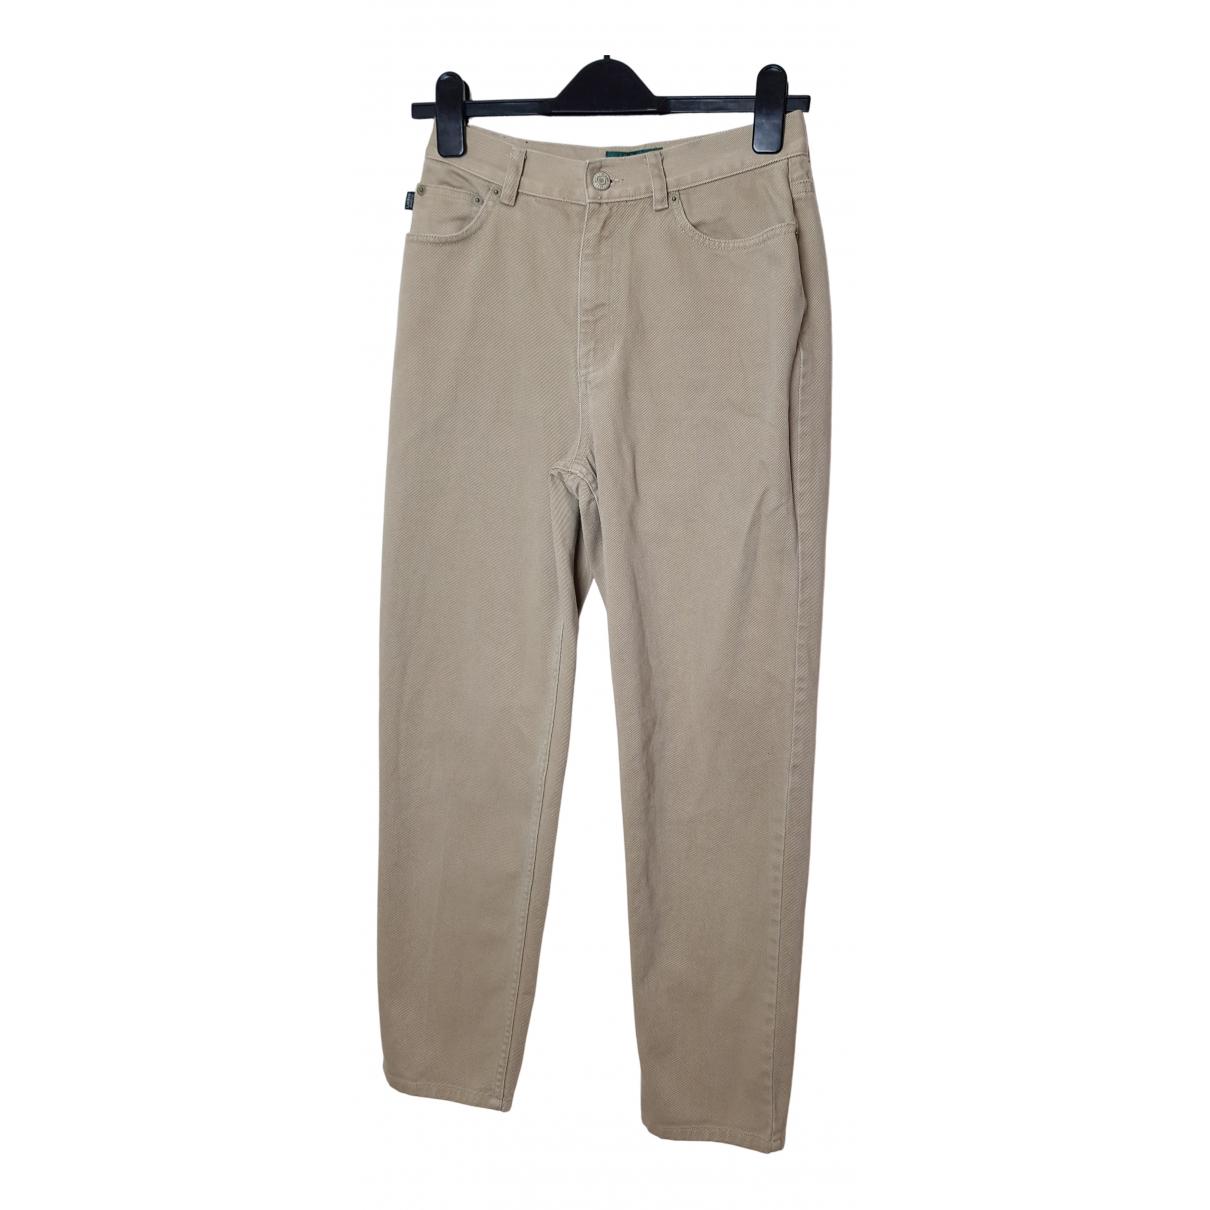 Lauren Ralph Lauren N Beige Cotton Trousers for Women 4 US